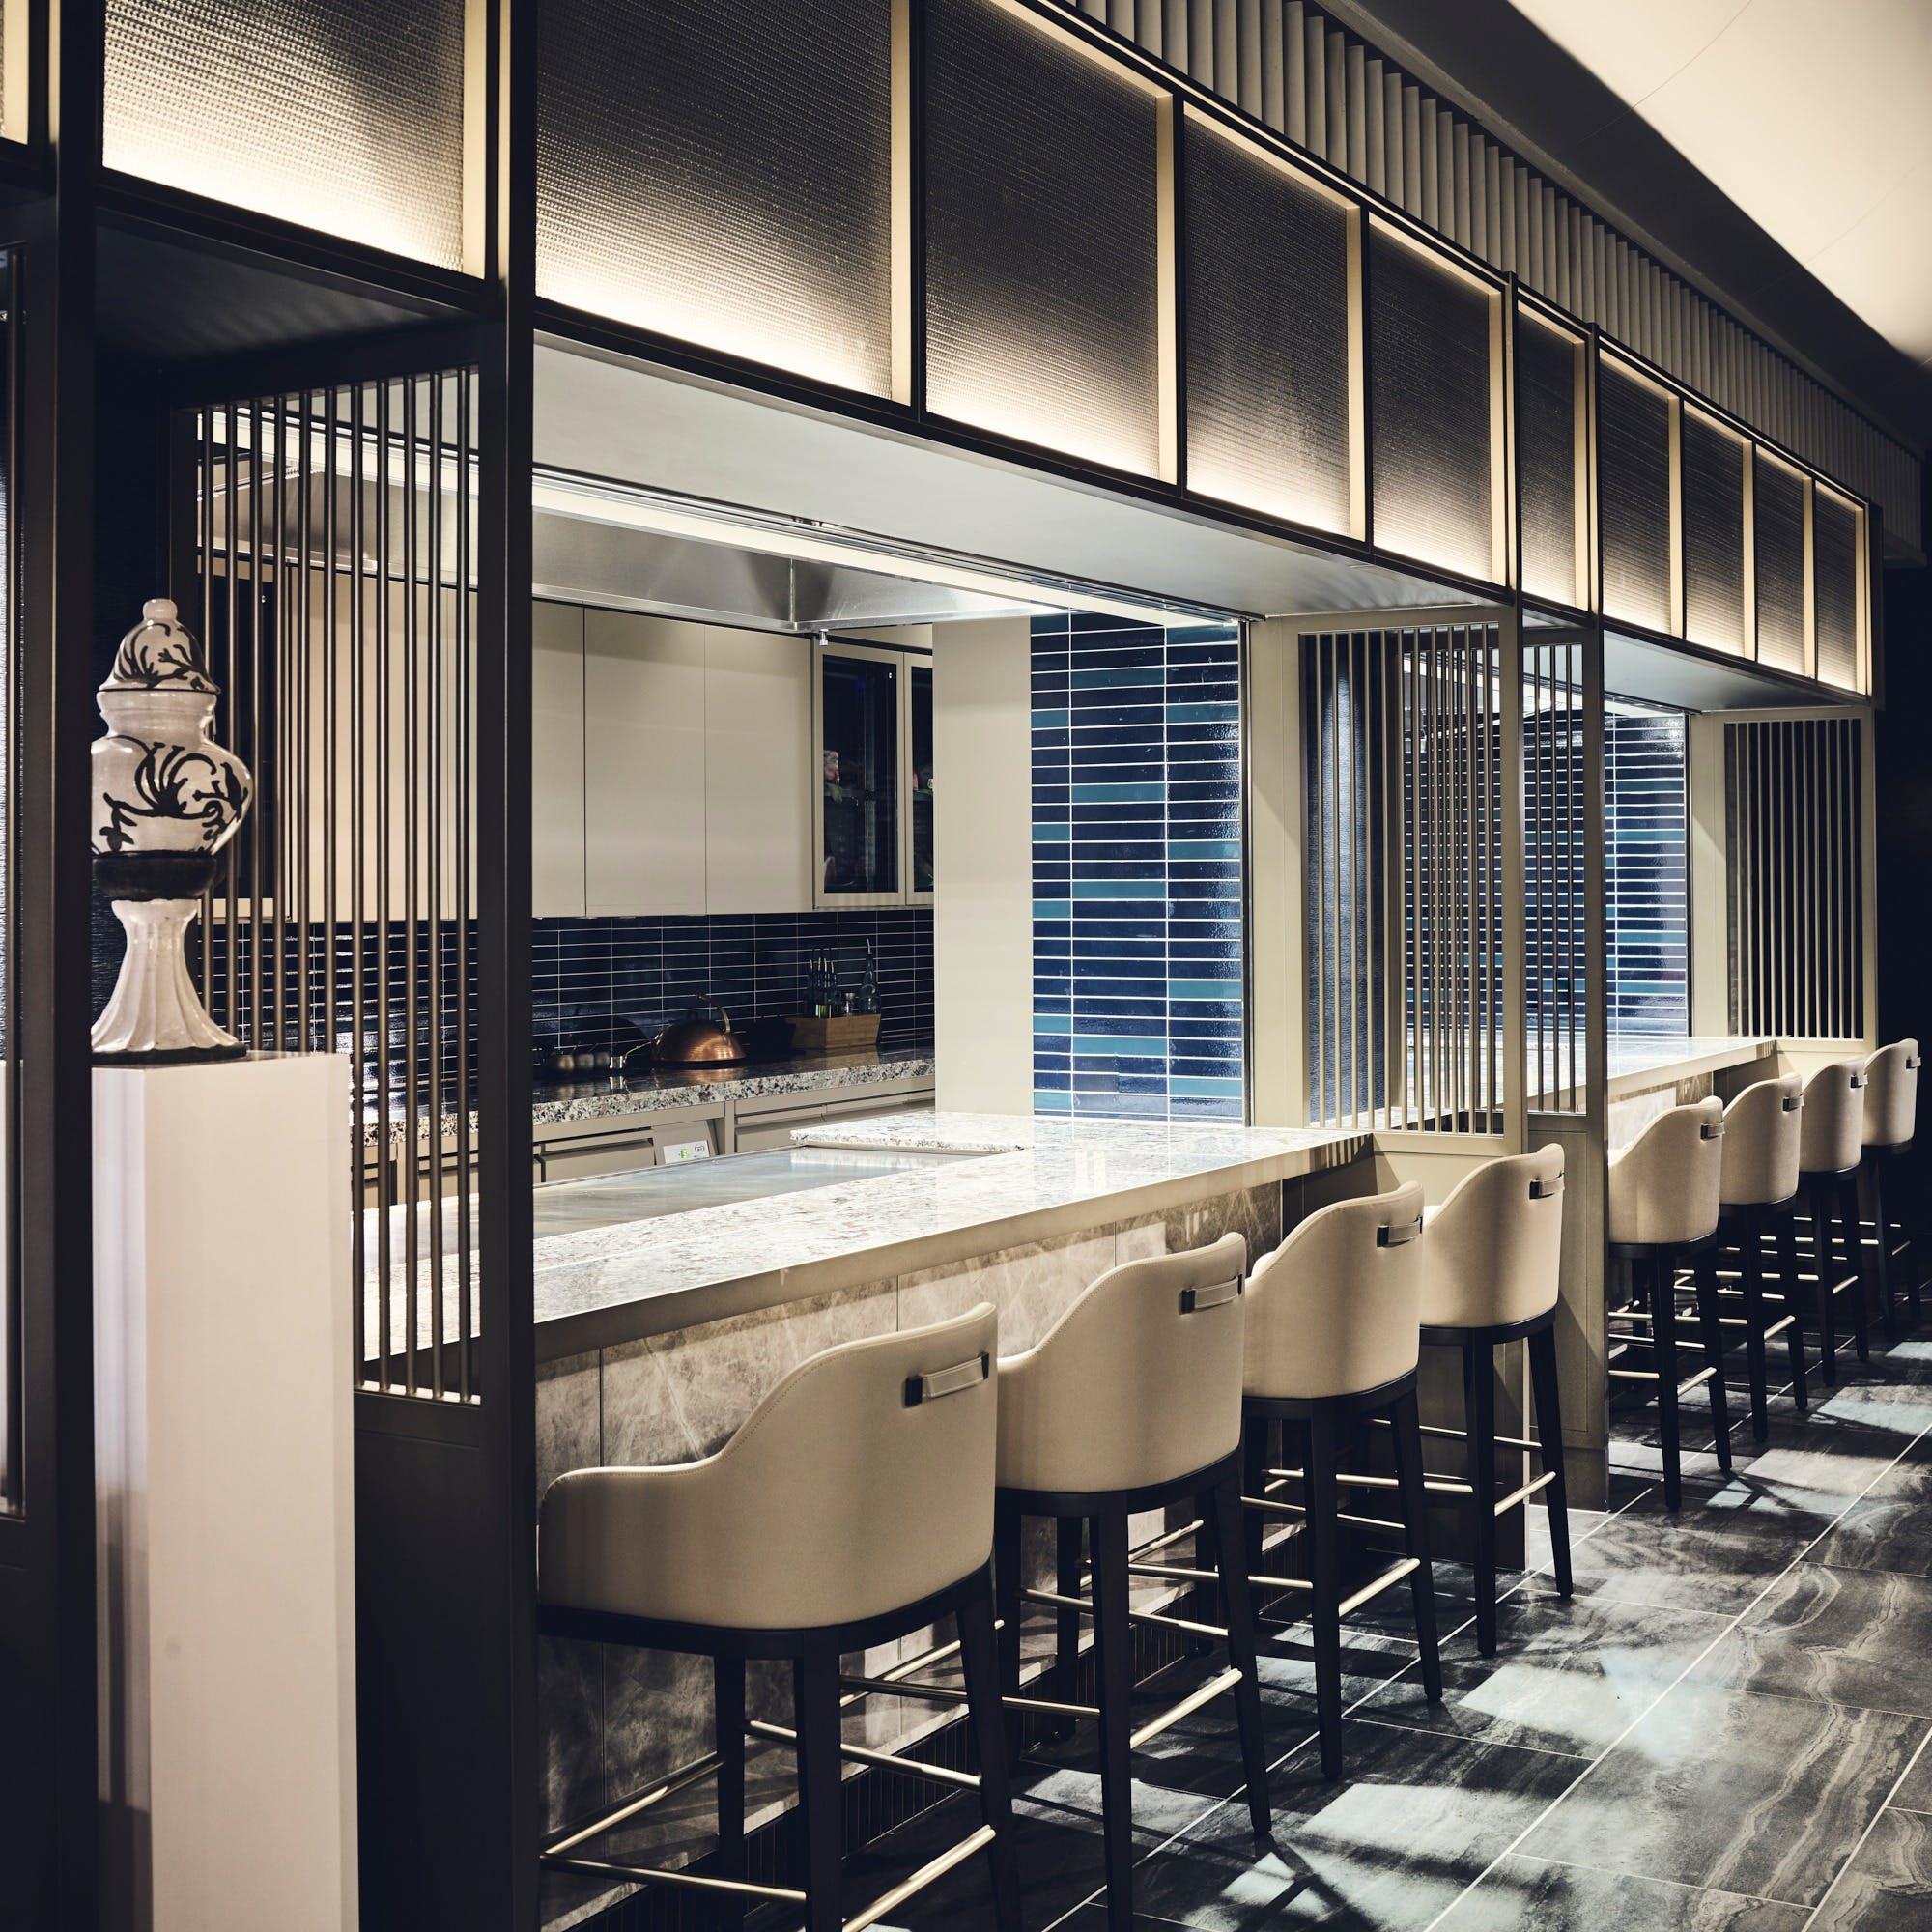 ホテルロビー中央に位置する開放的な空間 12名様まで利用できる個室も